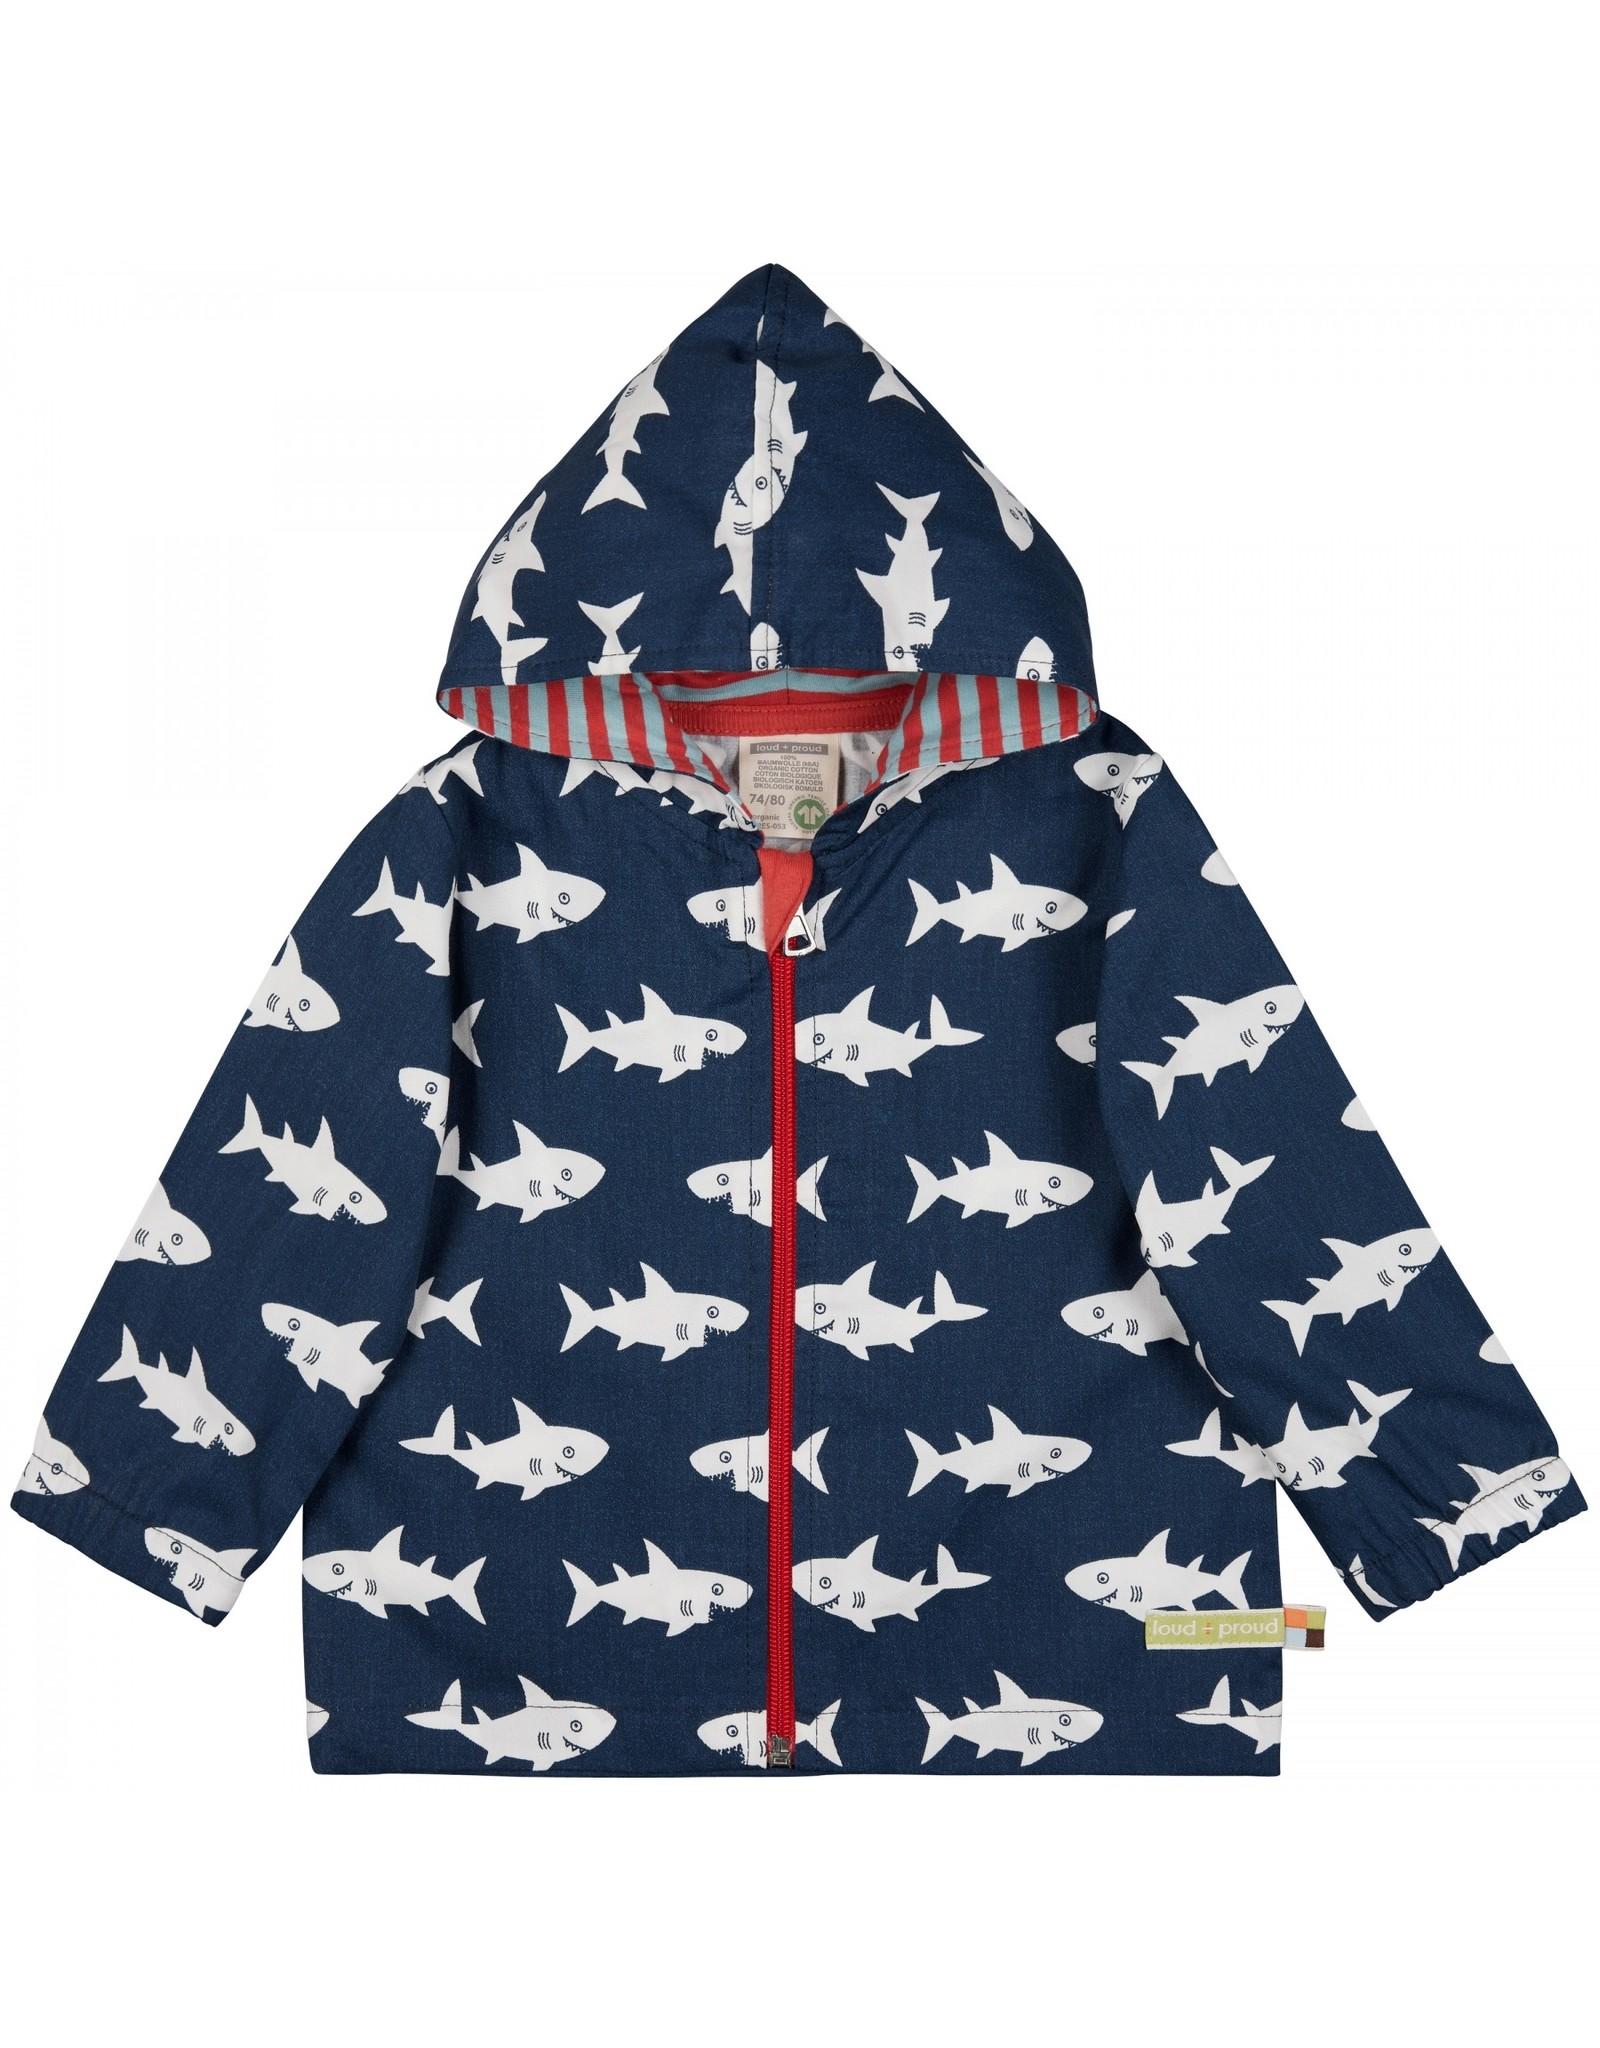 loud+proud Kinder zomerjasje - blauw met haaien